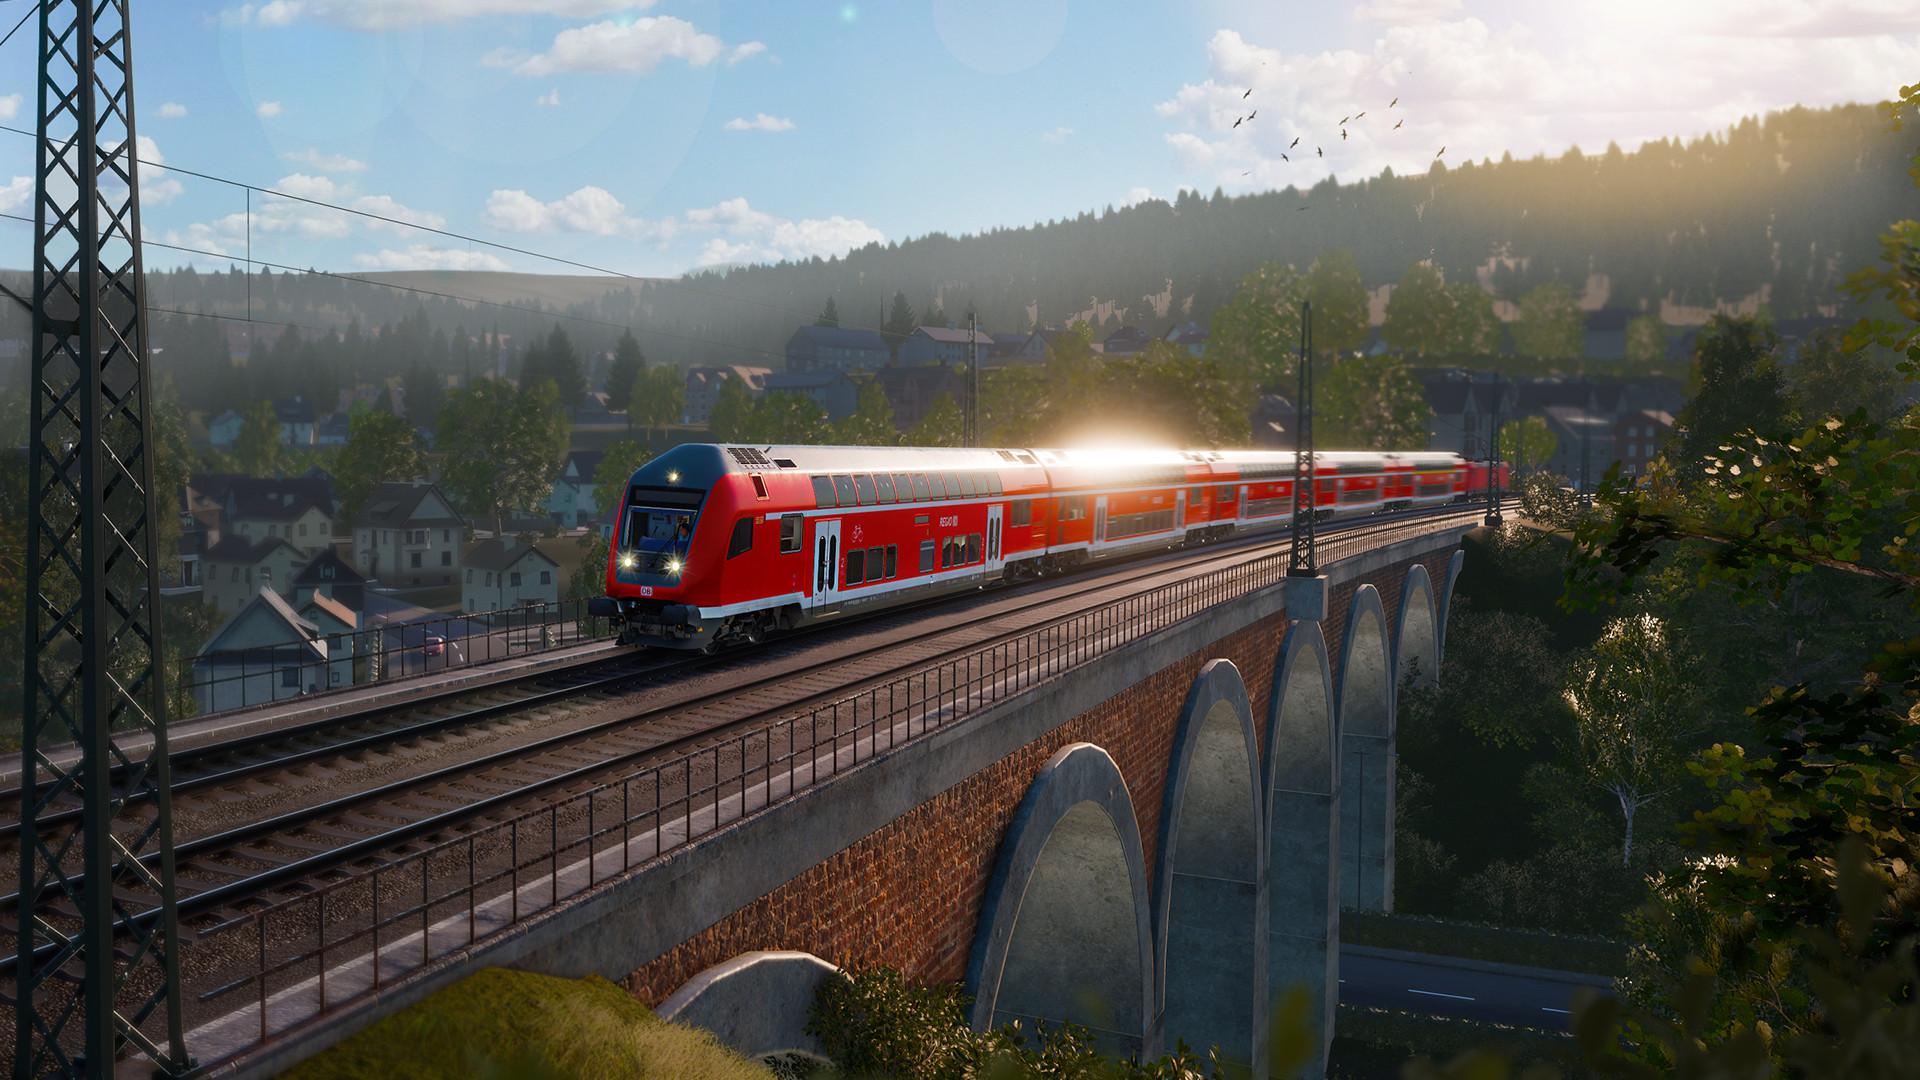 我的梦想是火车司机 《模拟火车世界》新DLC登陆主机